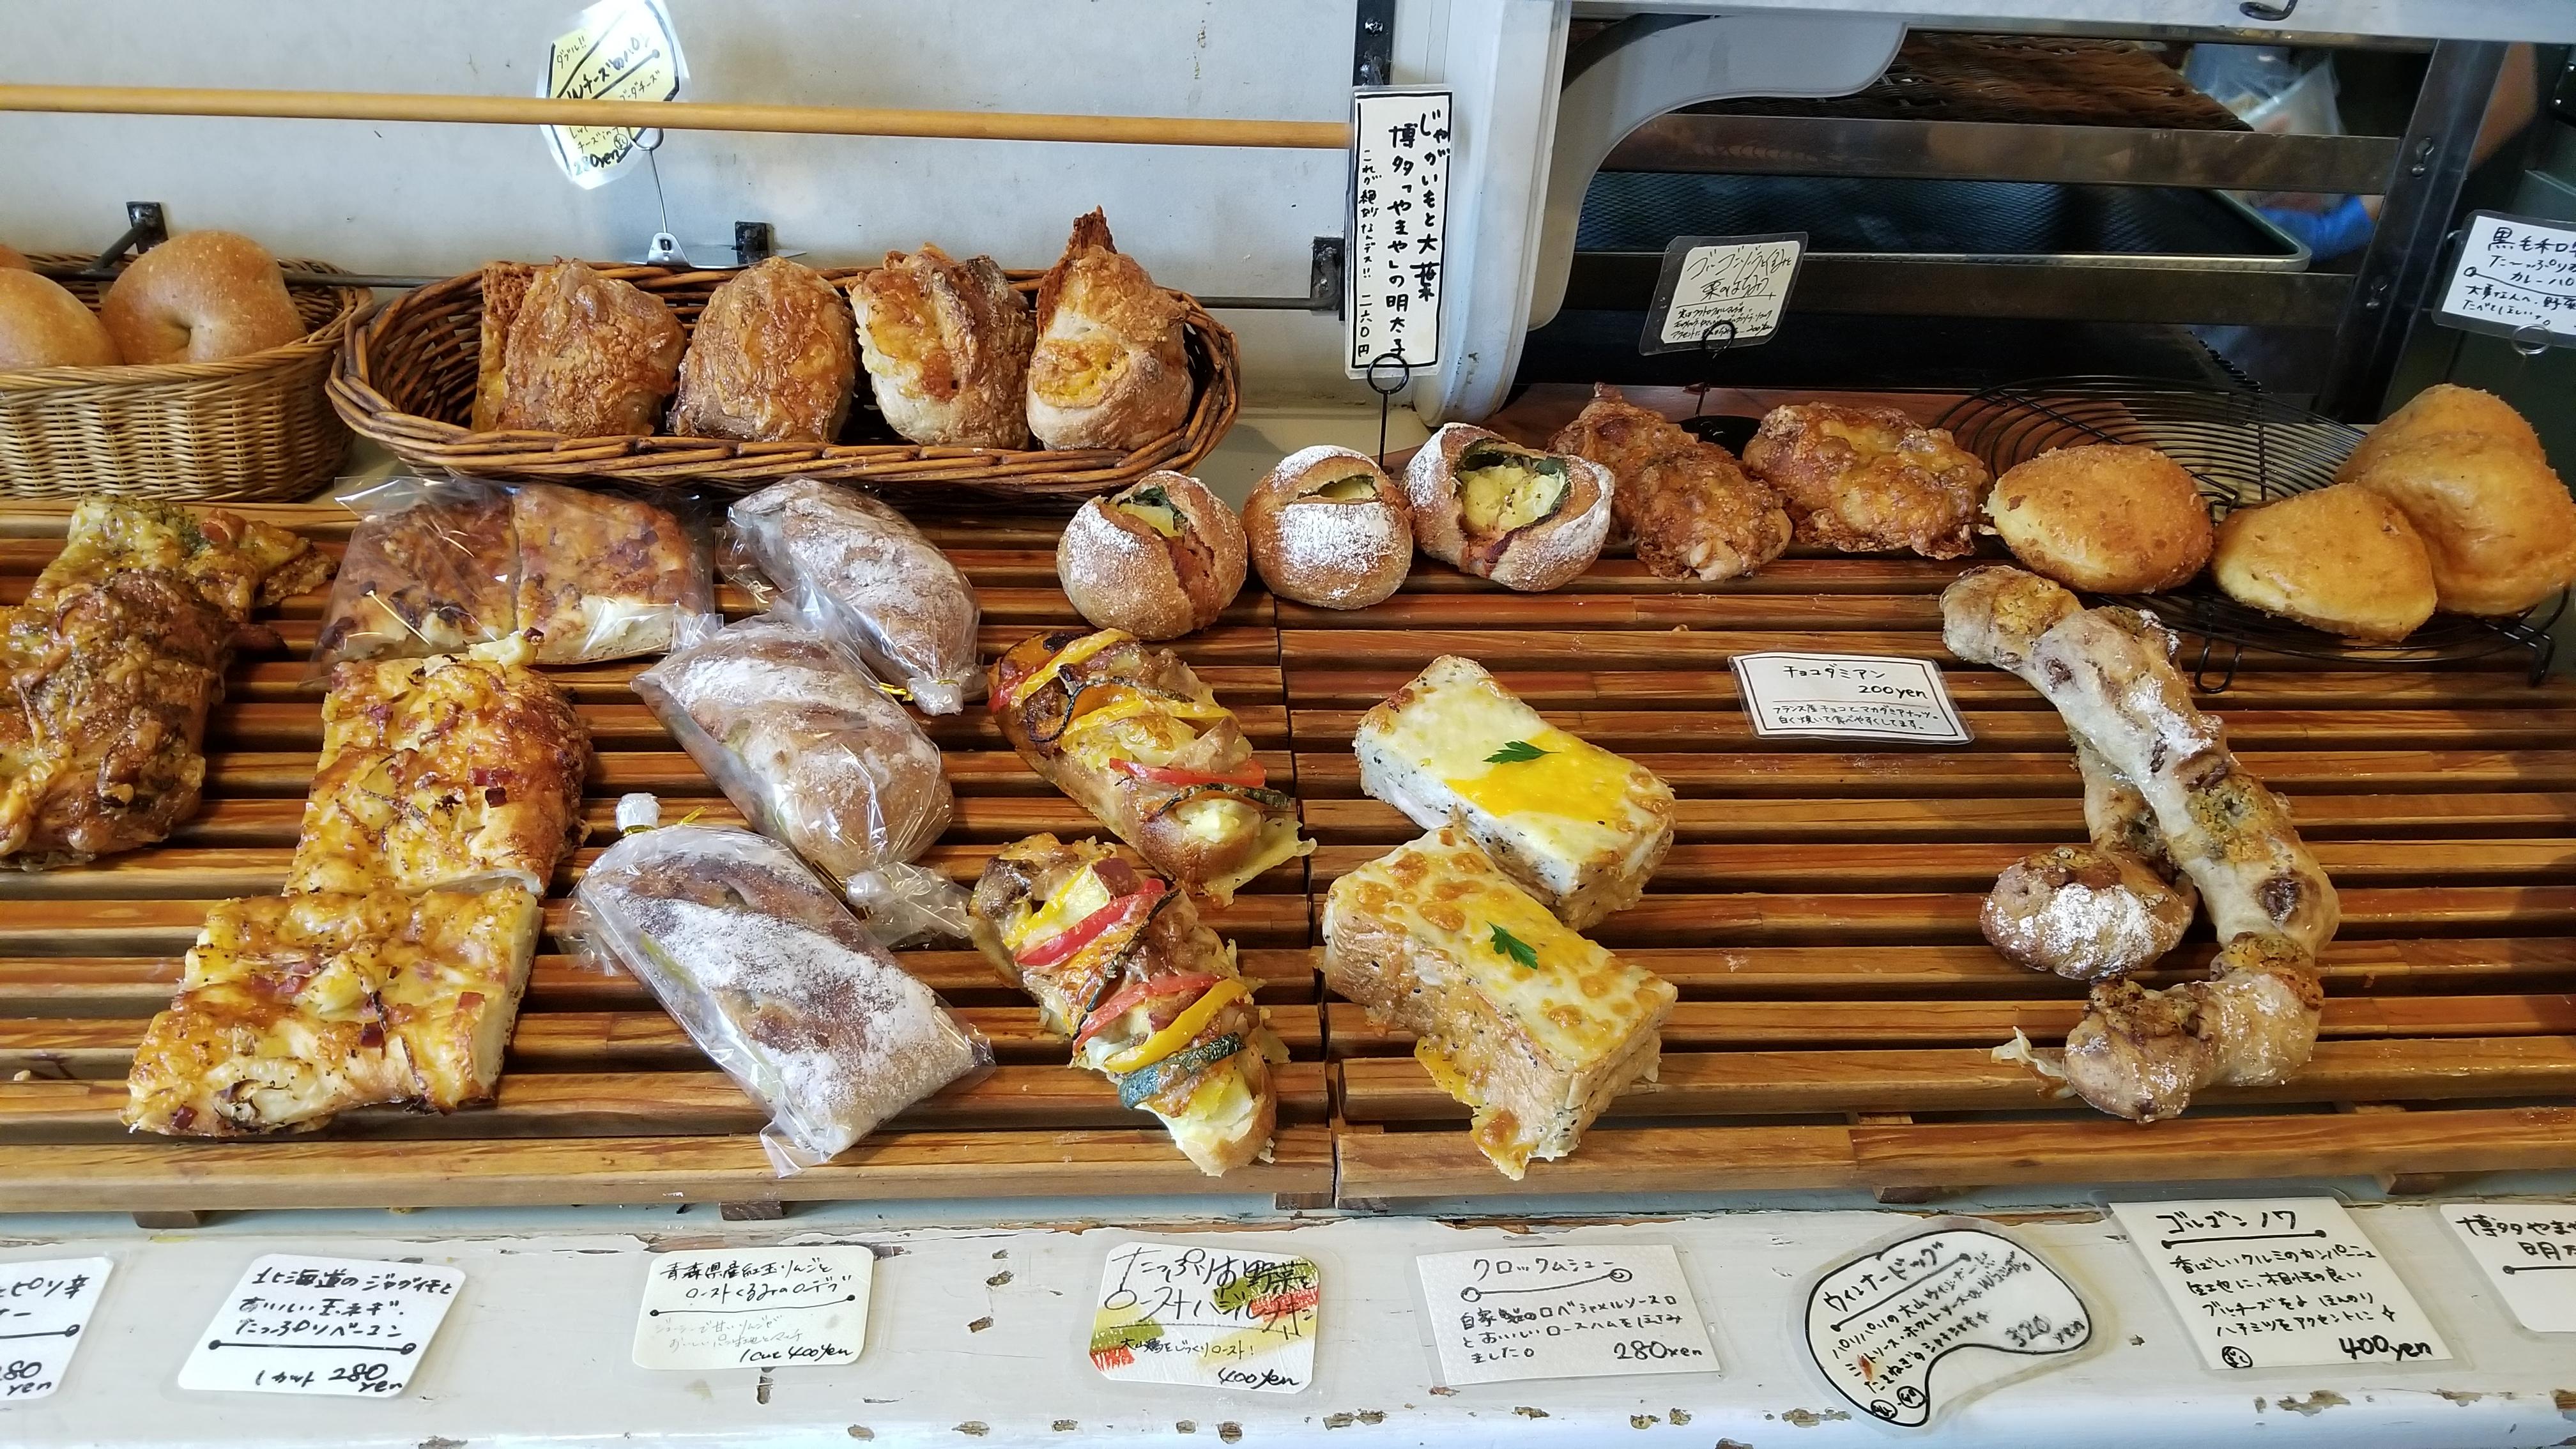 愛媛県松山市おいしいおすすめ人気辻パン屋さんスポットグルメ